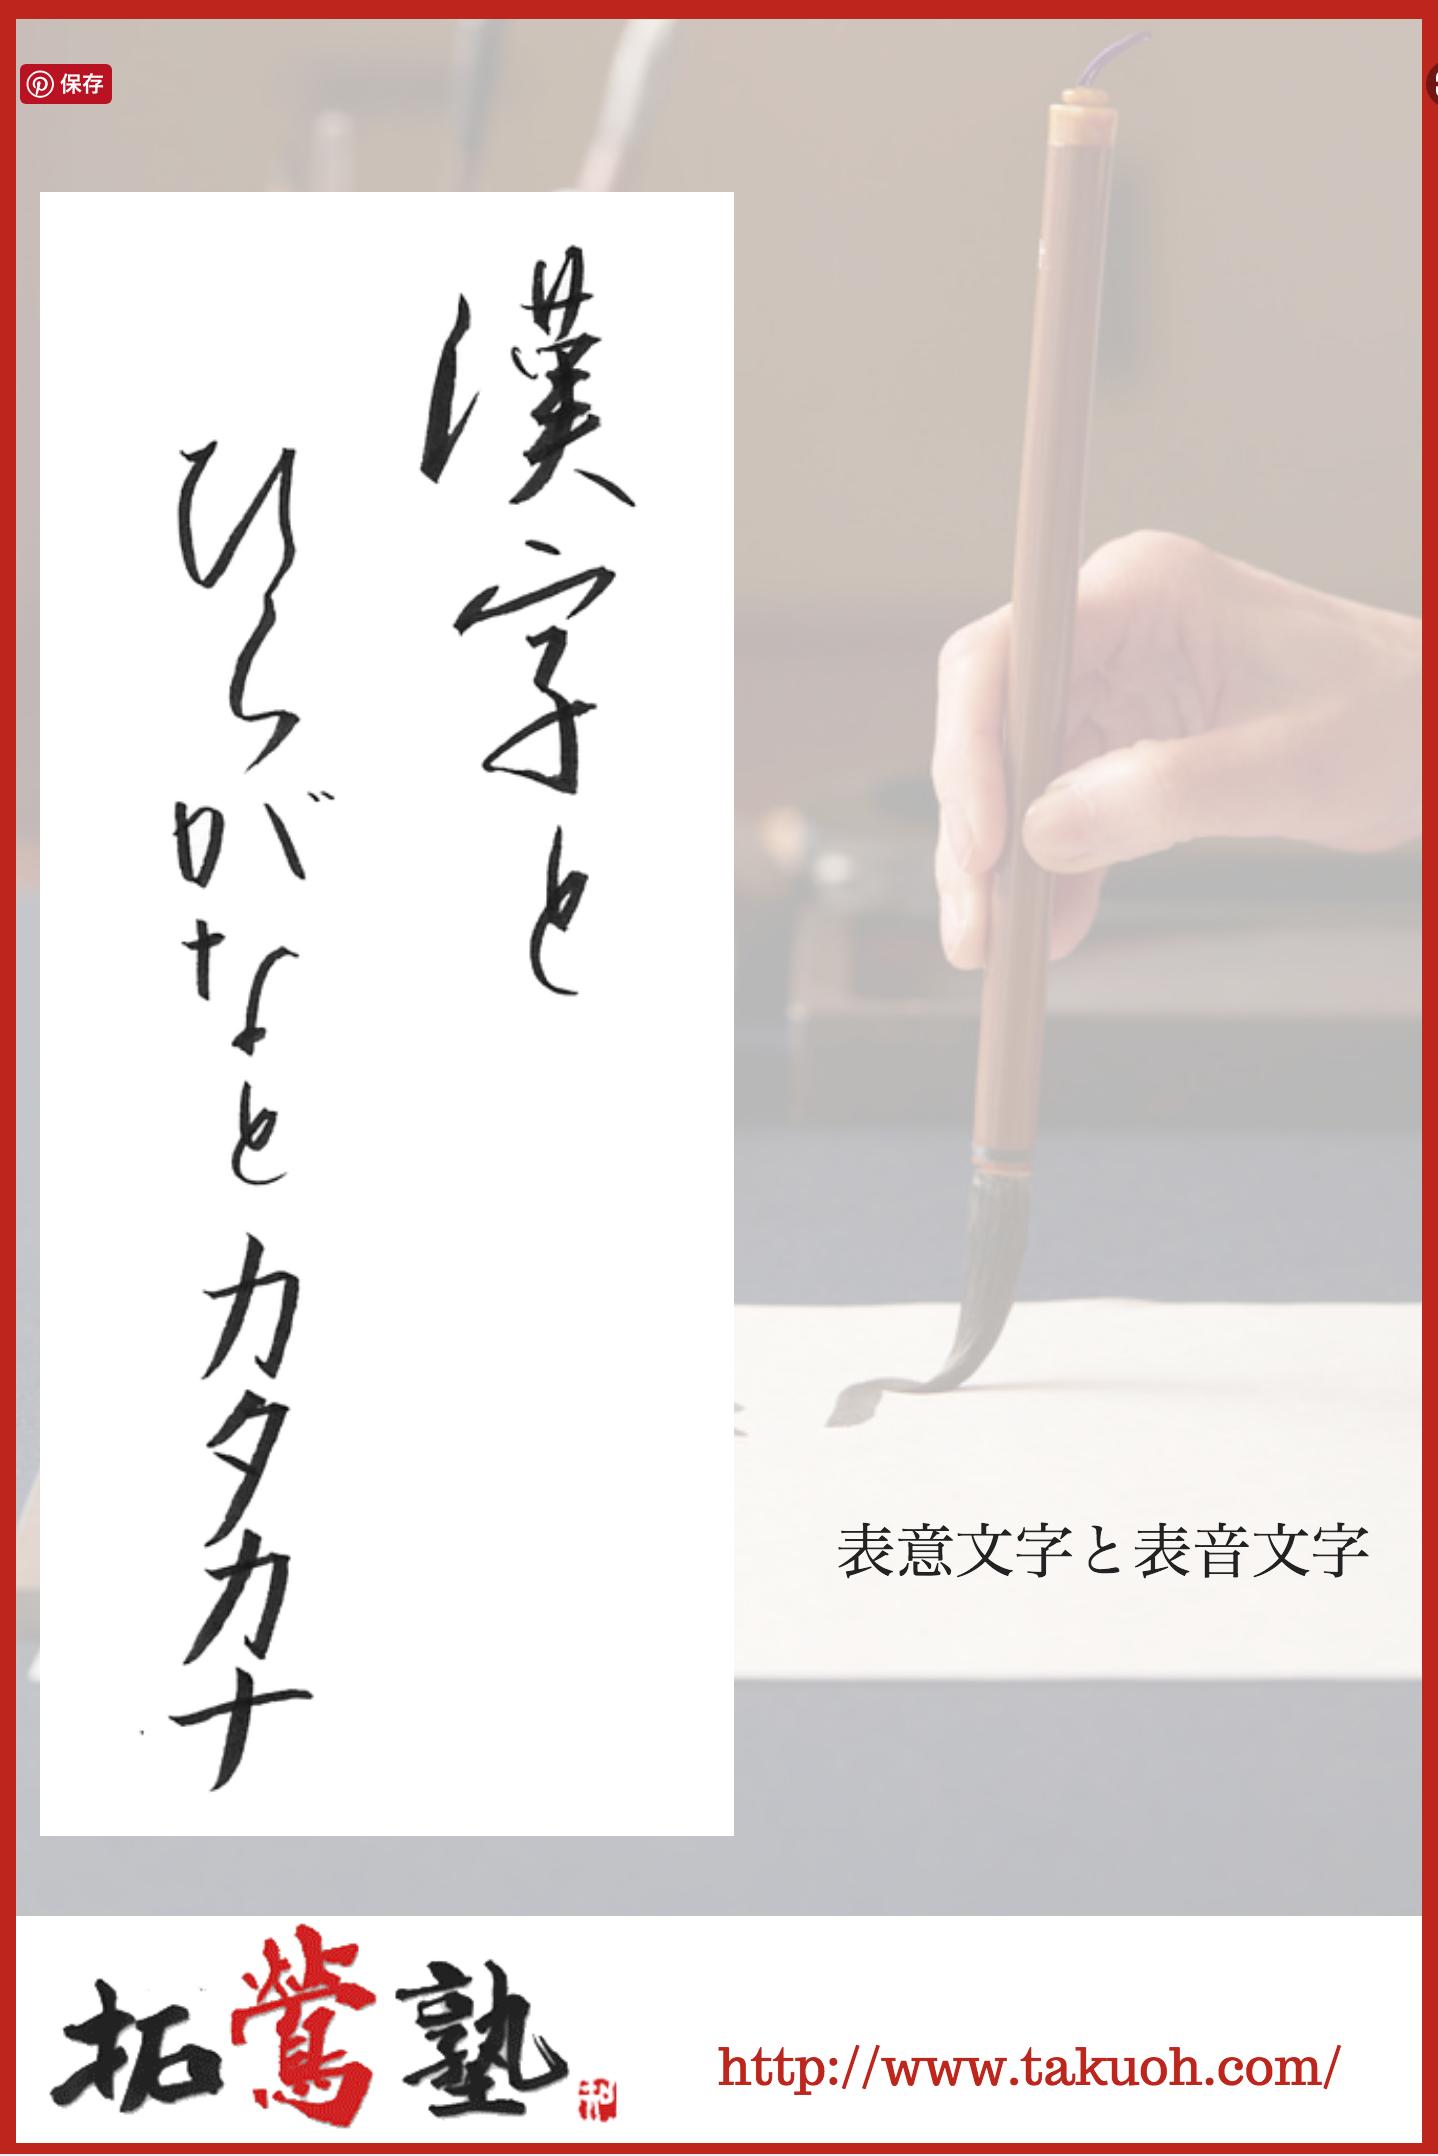 の ペン 味方 字